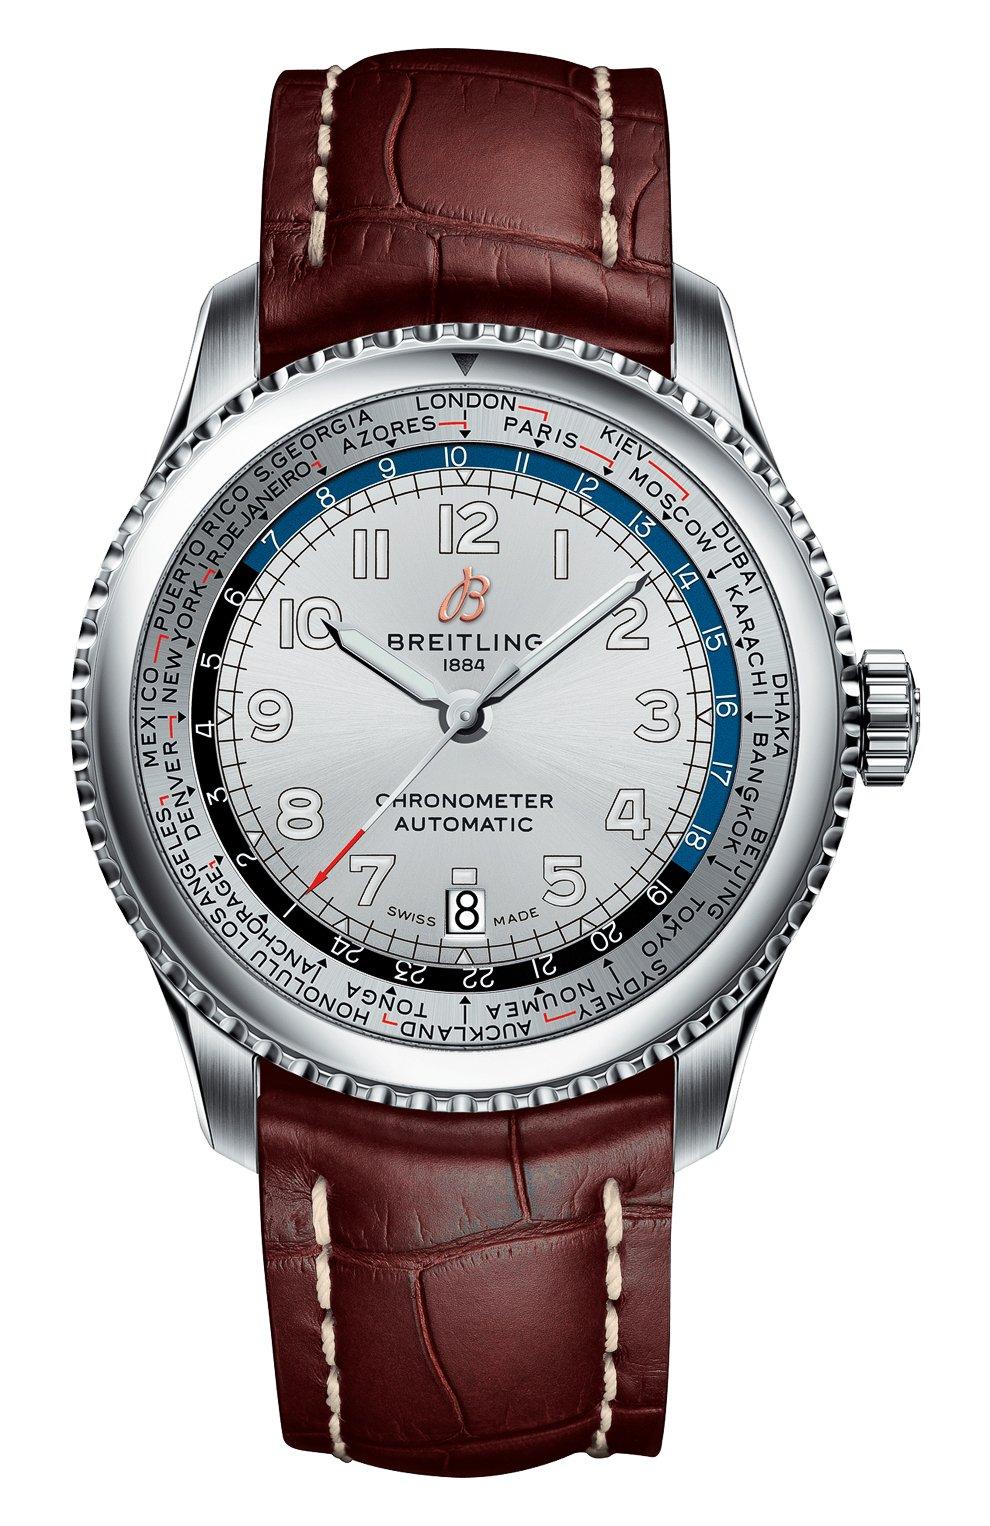 Мужские часы aviator 8 b35 automatic unitime BREITLING бесцветного цвета, арт. AB3521U01G1P1   Фото 1 (Механизм: Автомат; Материал корпуса: Сталь; Цвет циферблата: Серебристый)